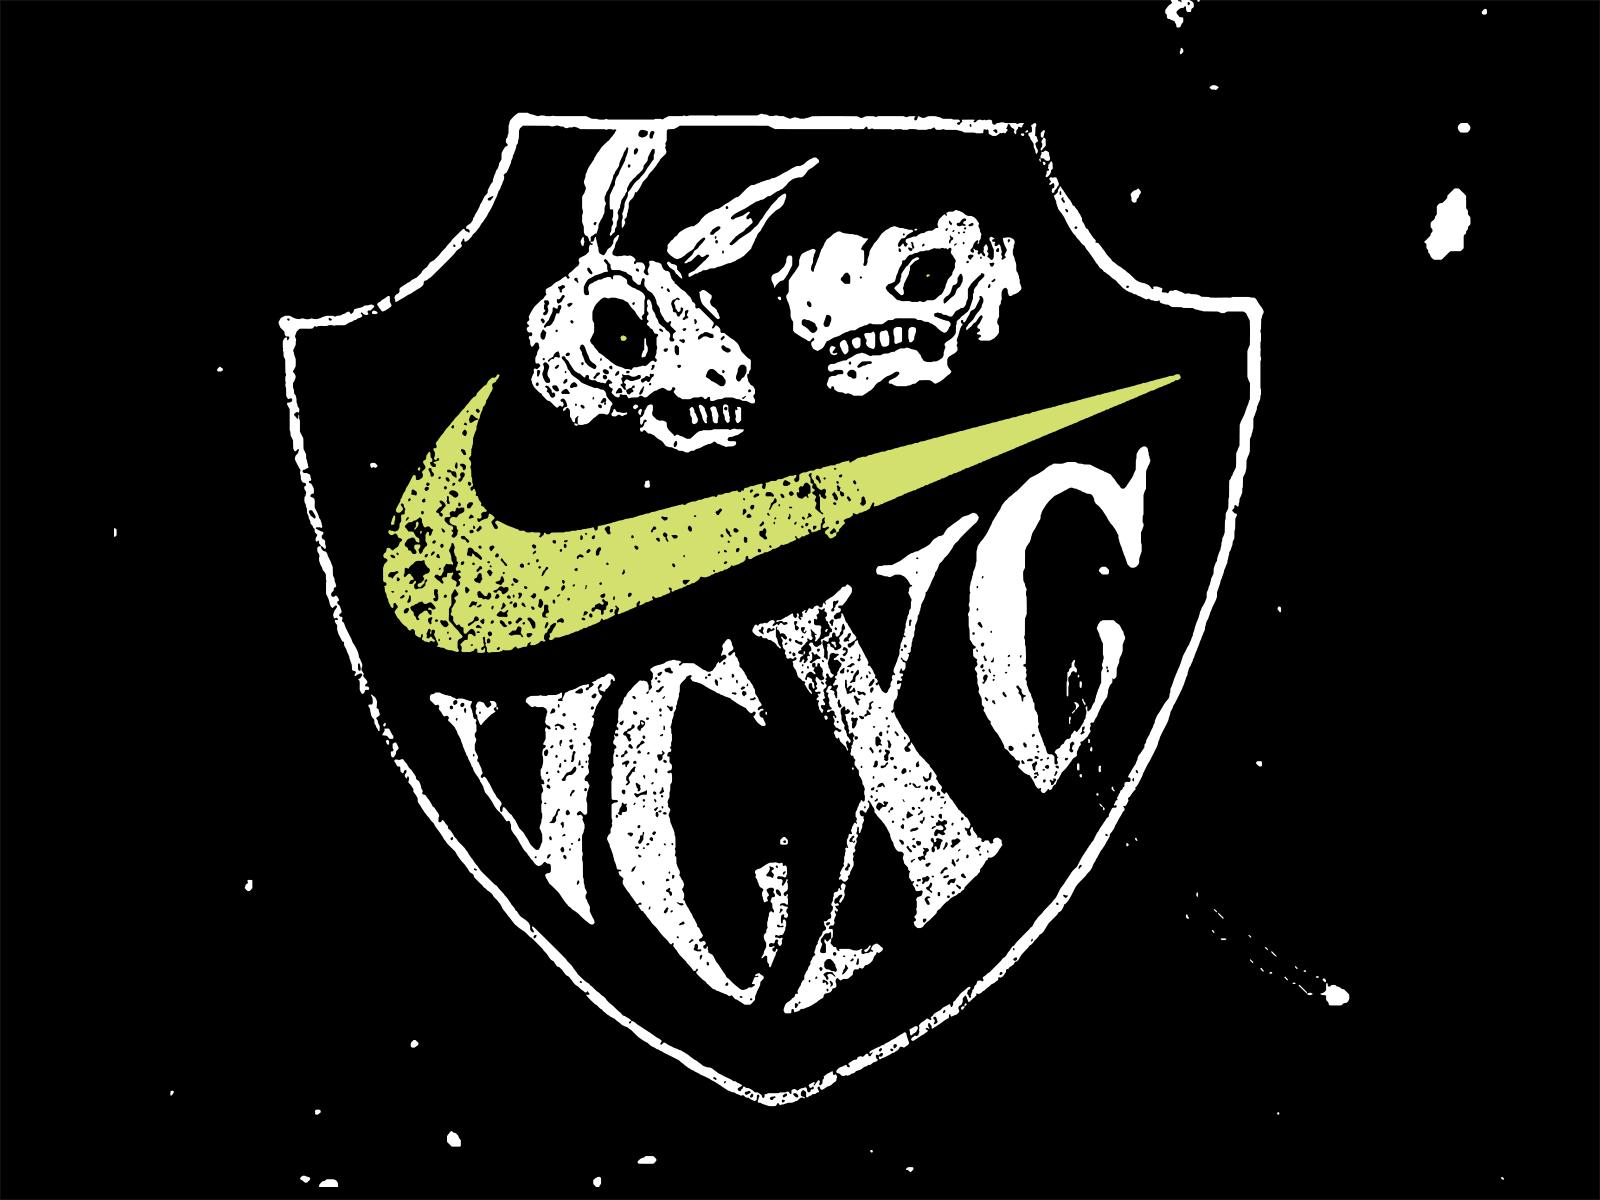 vcxc01